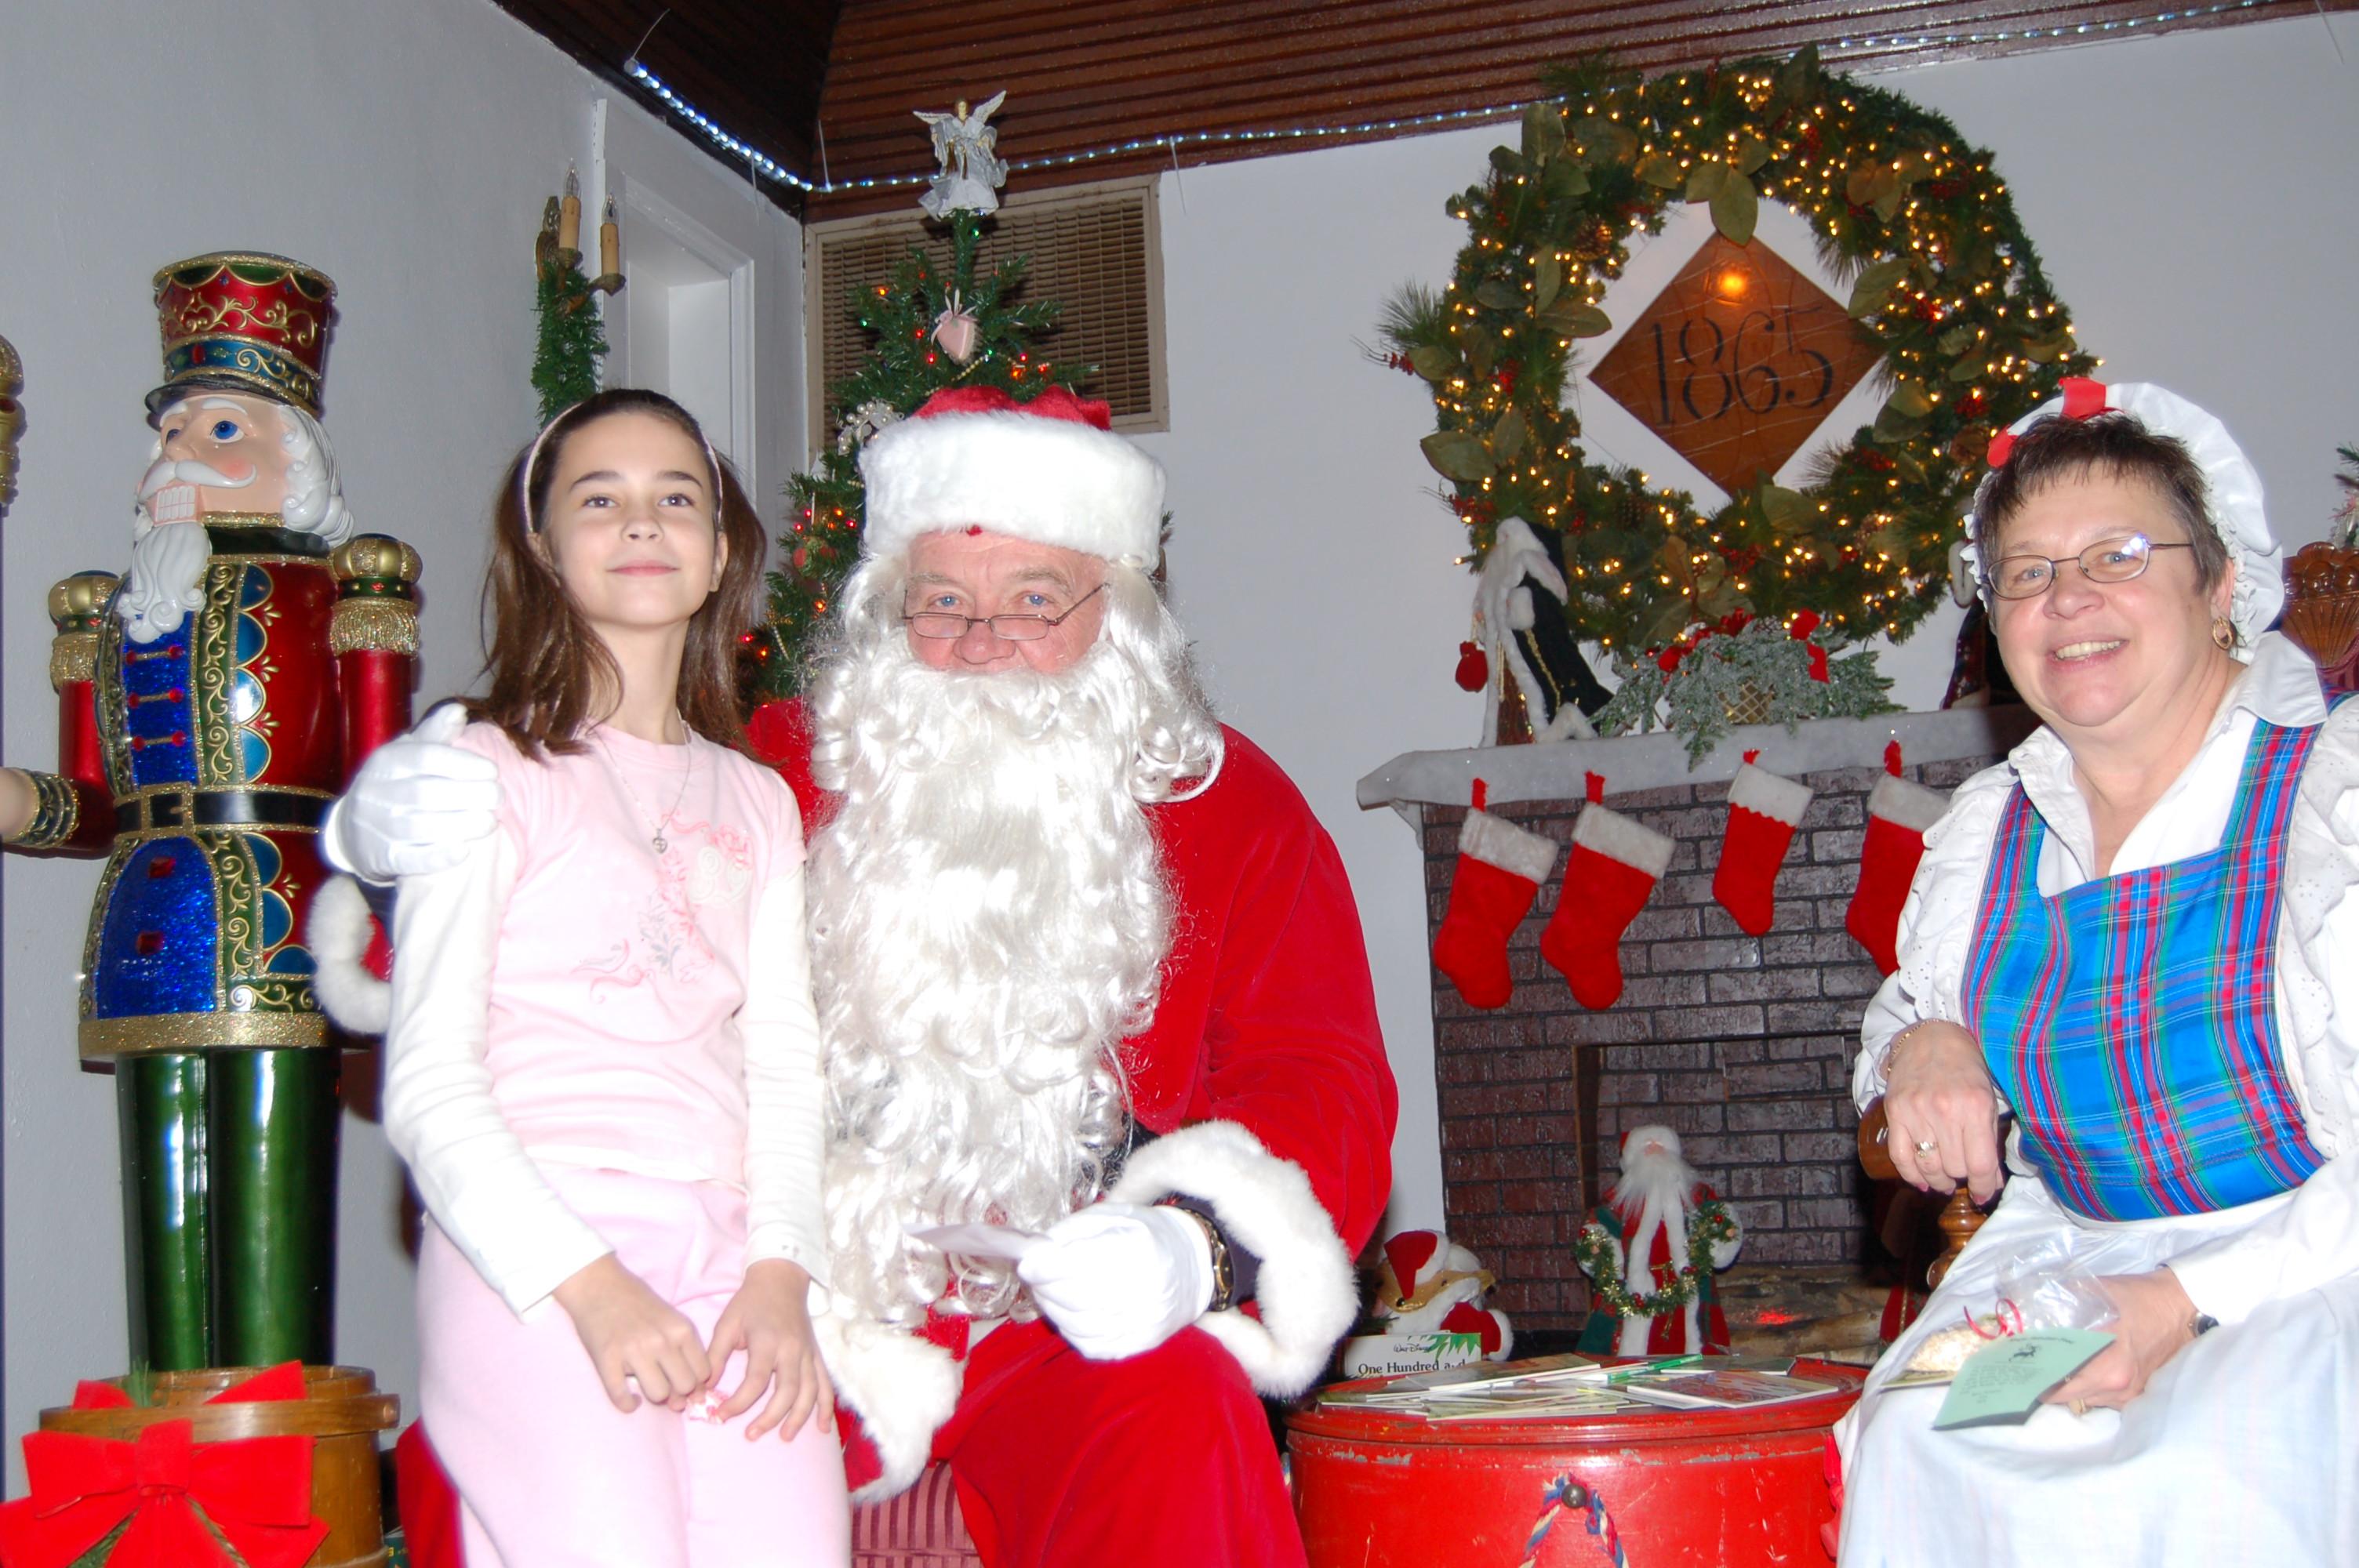 LolliPop+Lane+12-11-2008+Picture+045.jpg